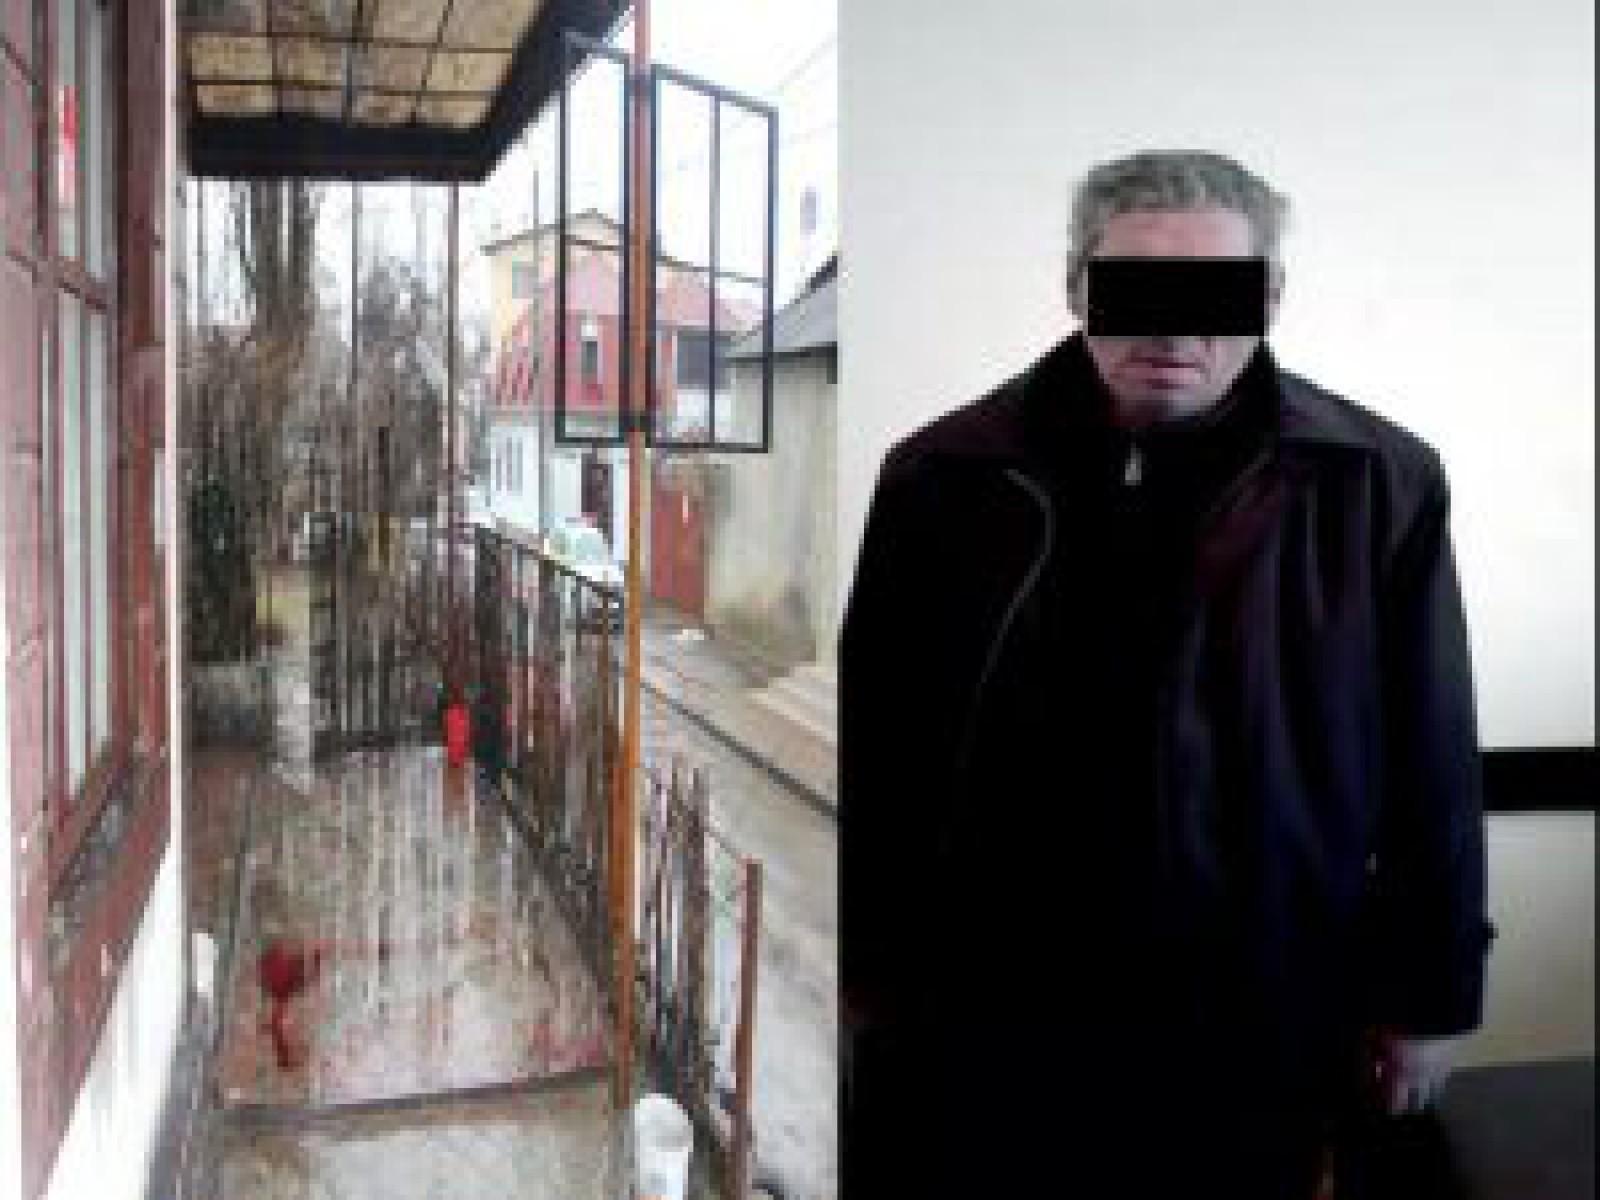 Ceartă pe muchie de cuțit în capitală: Un bărbat în stare de ebrietate și-a atacat amicul la o terasă